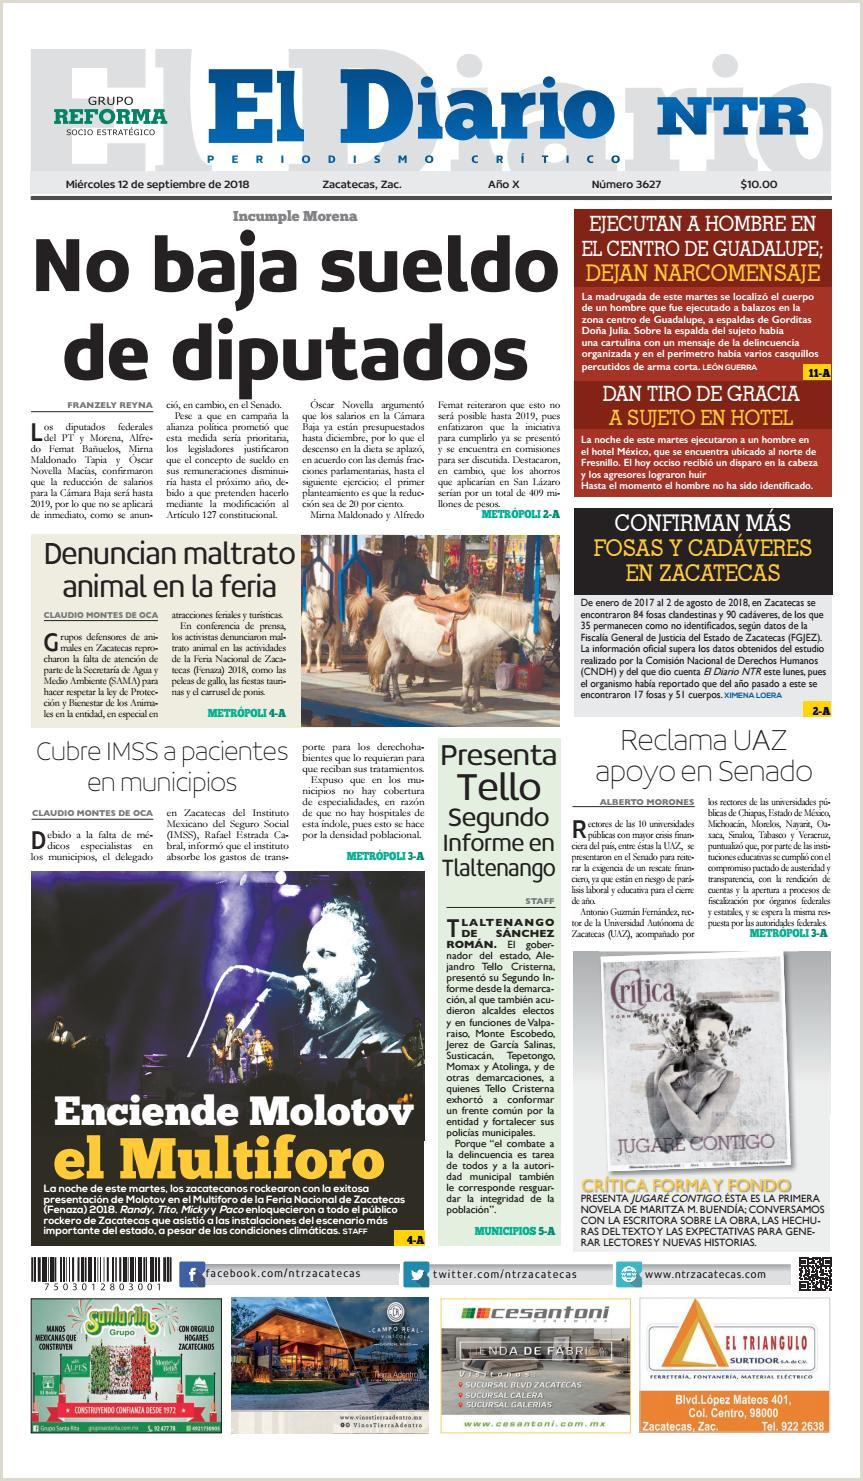 Diario NTR by NTR Medios de unicaci³n issuu